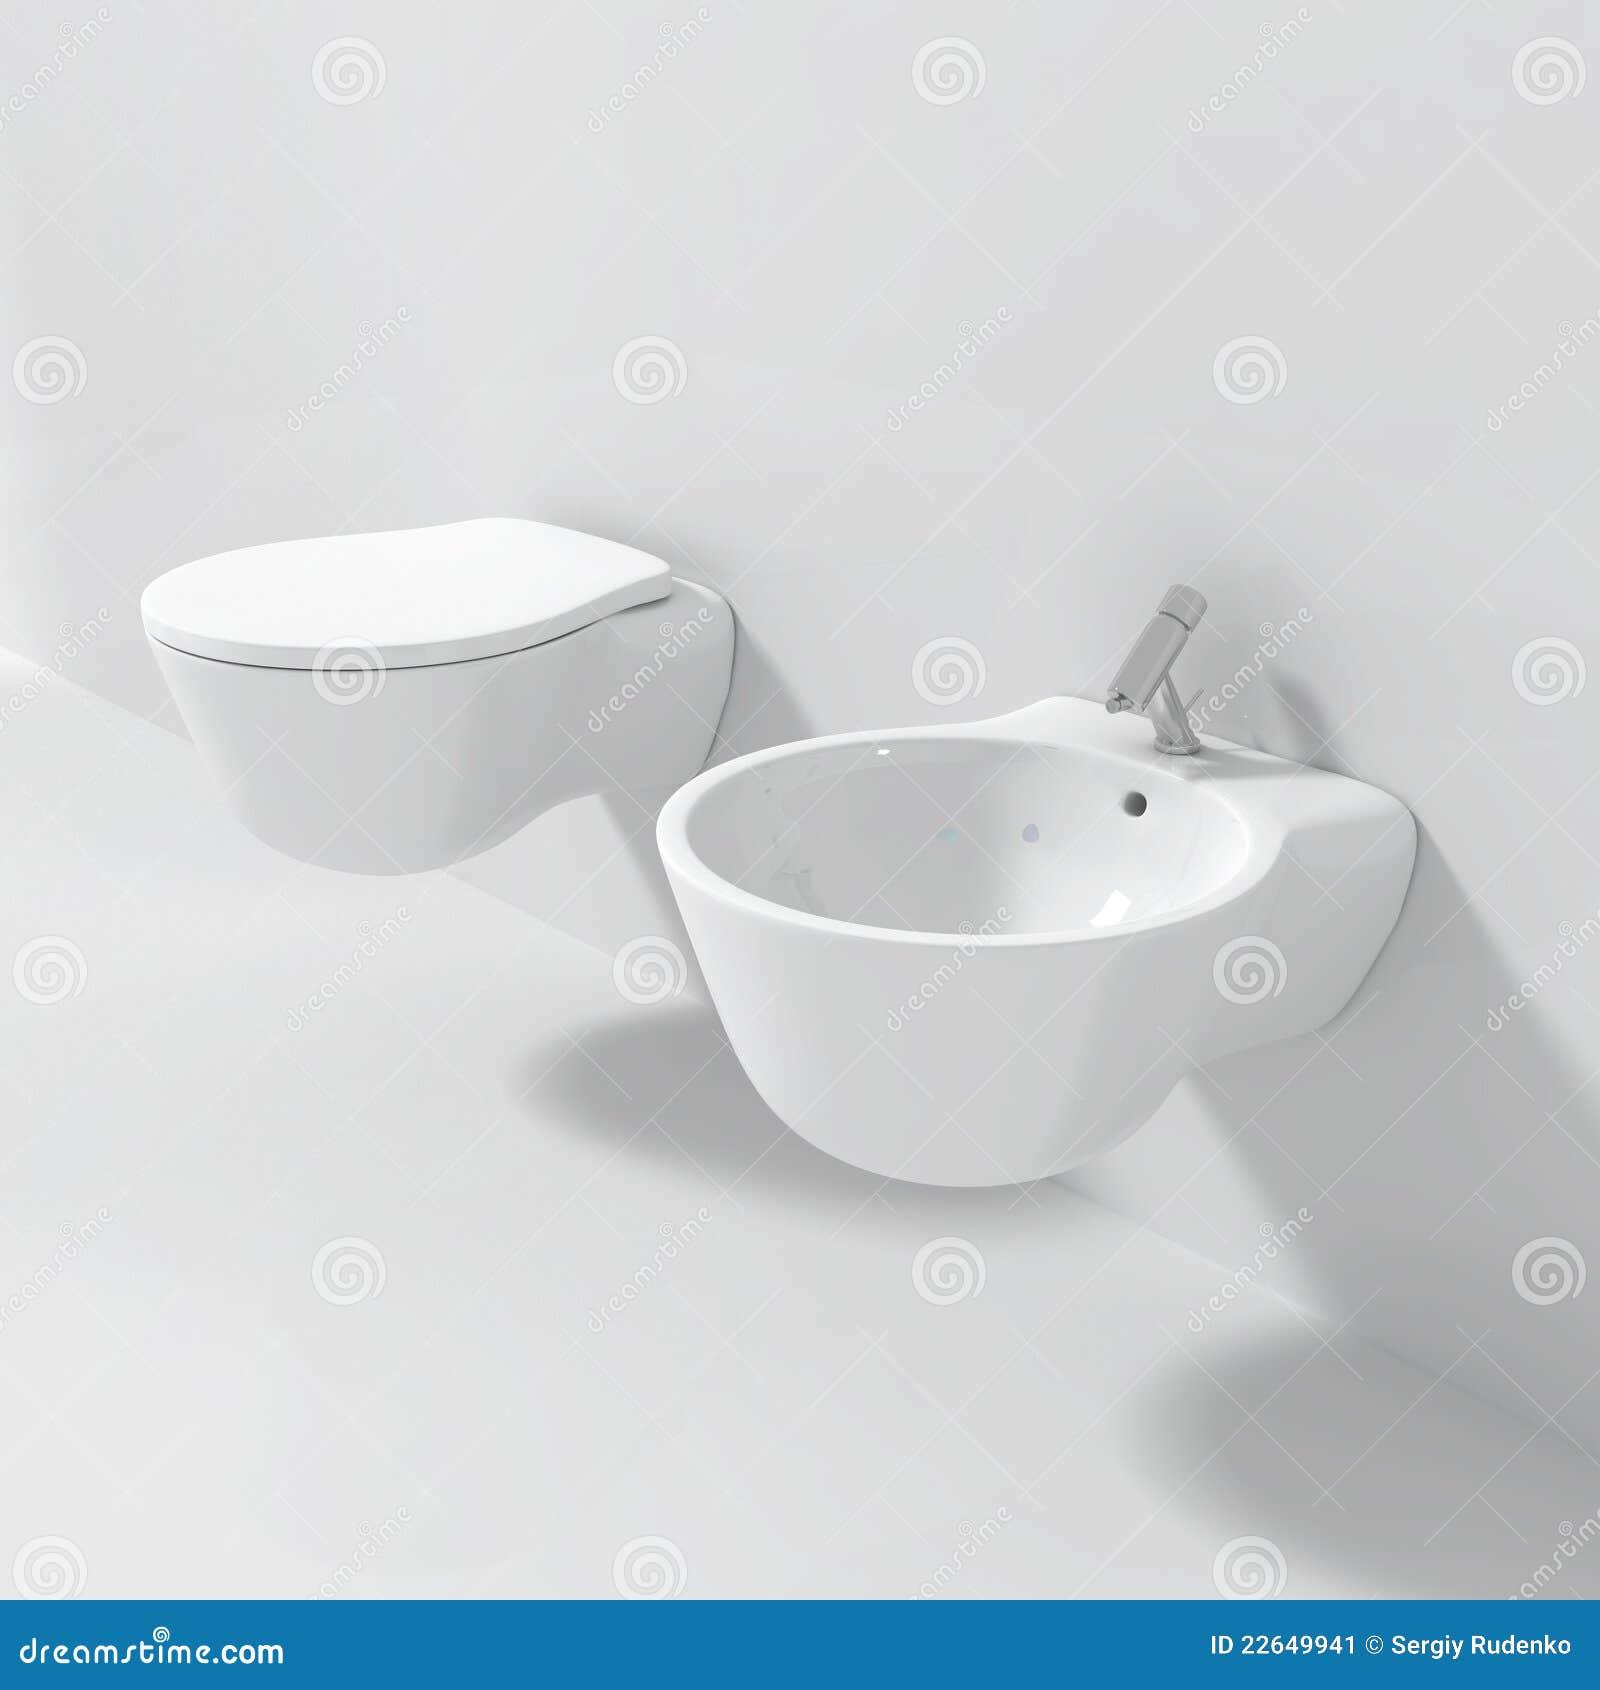 bidet modern seat toilet